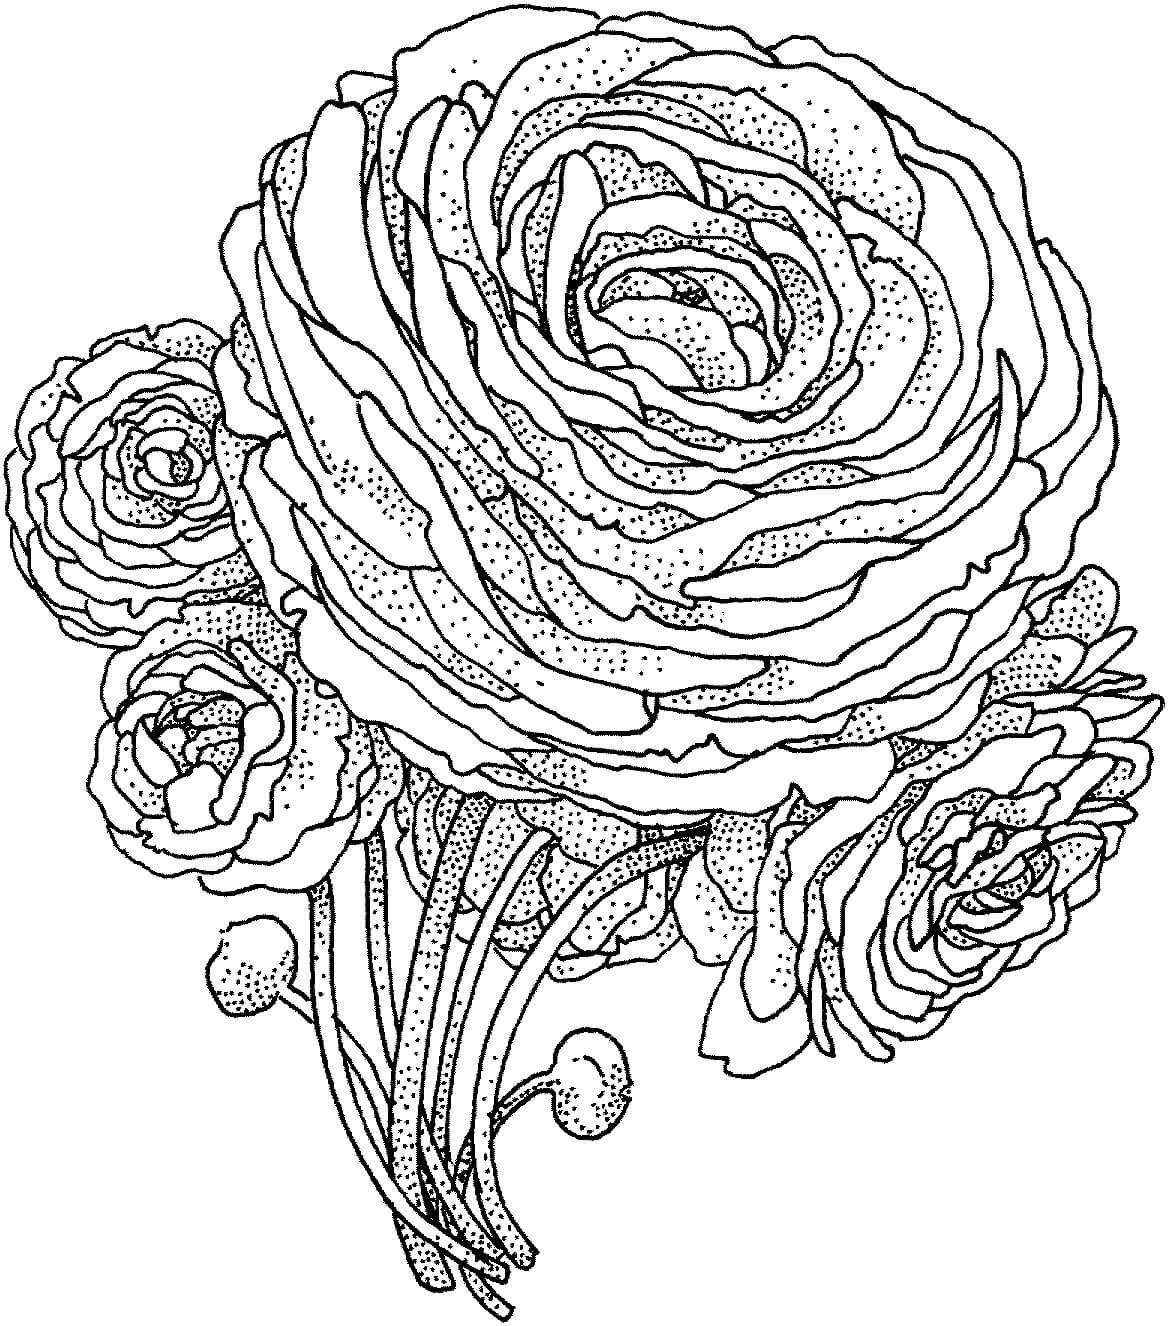 черно белые картинки для распечатки роза вовсе способны